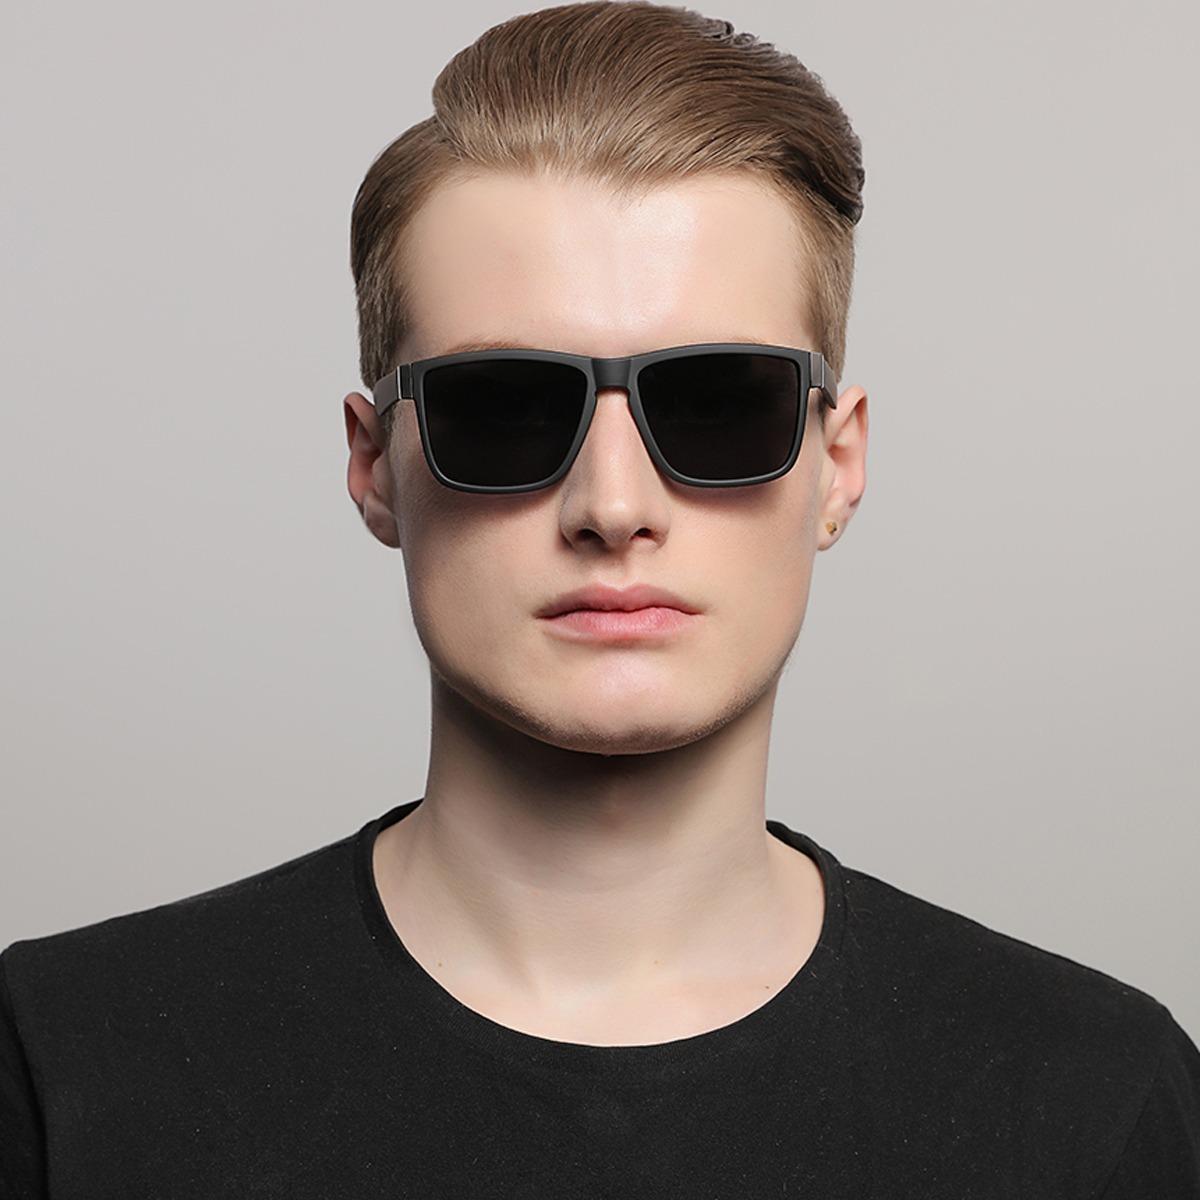 00dc6b6824f92 oculos grife solar masculino 20 20 oculos espelhado original. Carregando  zoom.